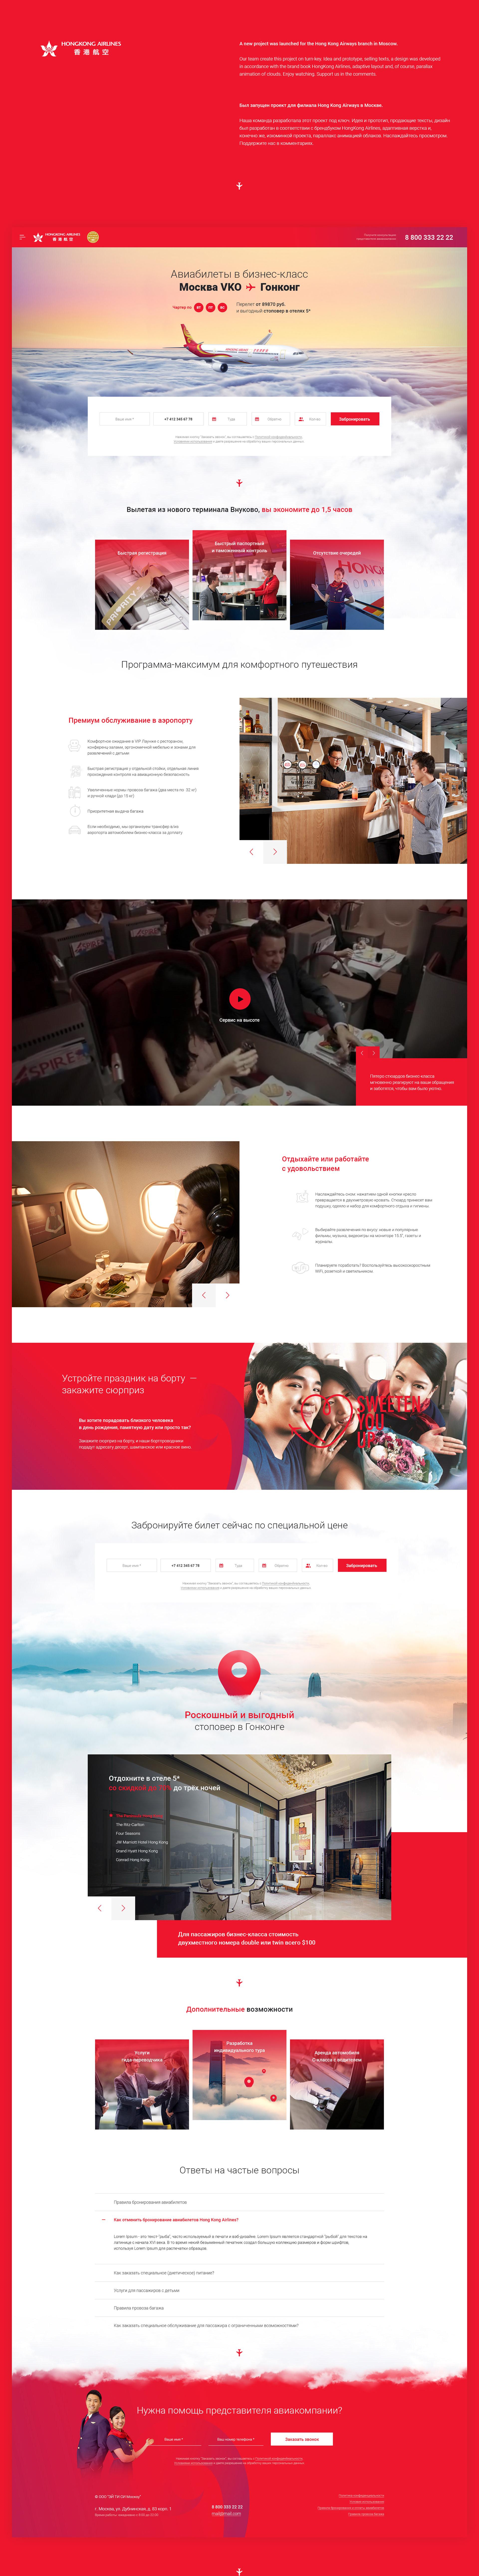 LP HongKong Airlines